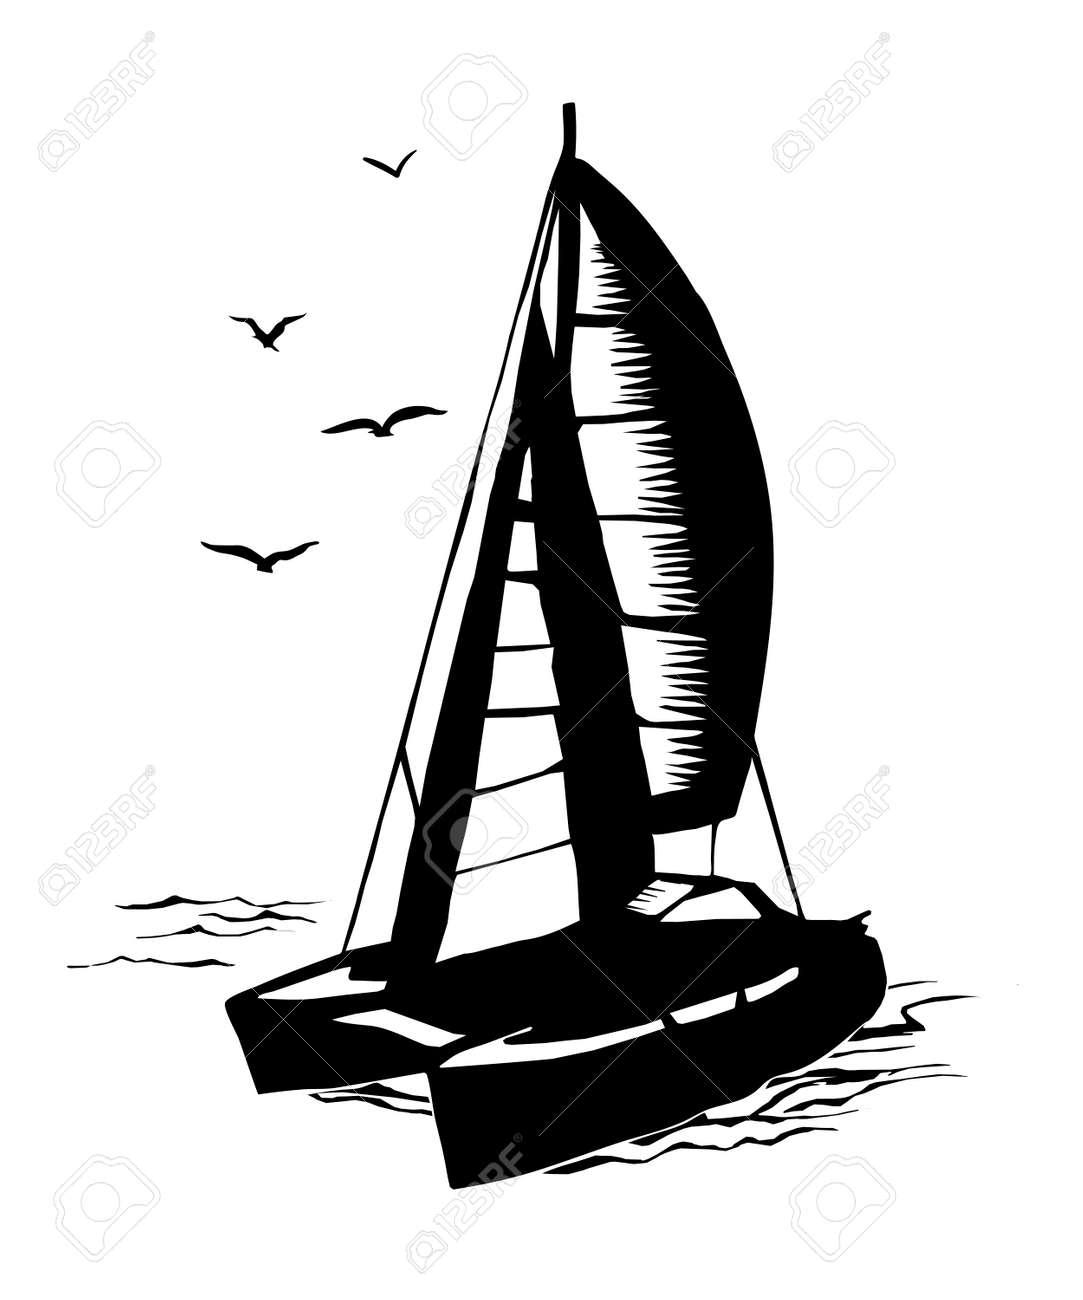 Silhouette Monochrome De Catamaran A Voile Clip Art Libres De Droits Vecteurs Et Illustration Image 79880400